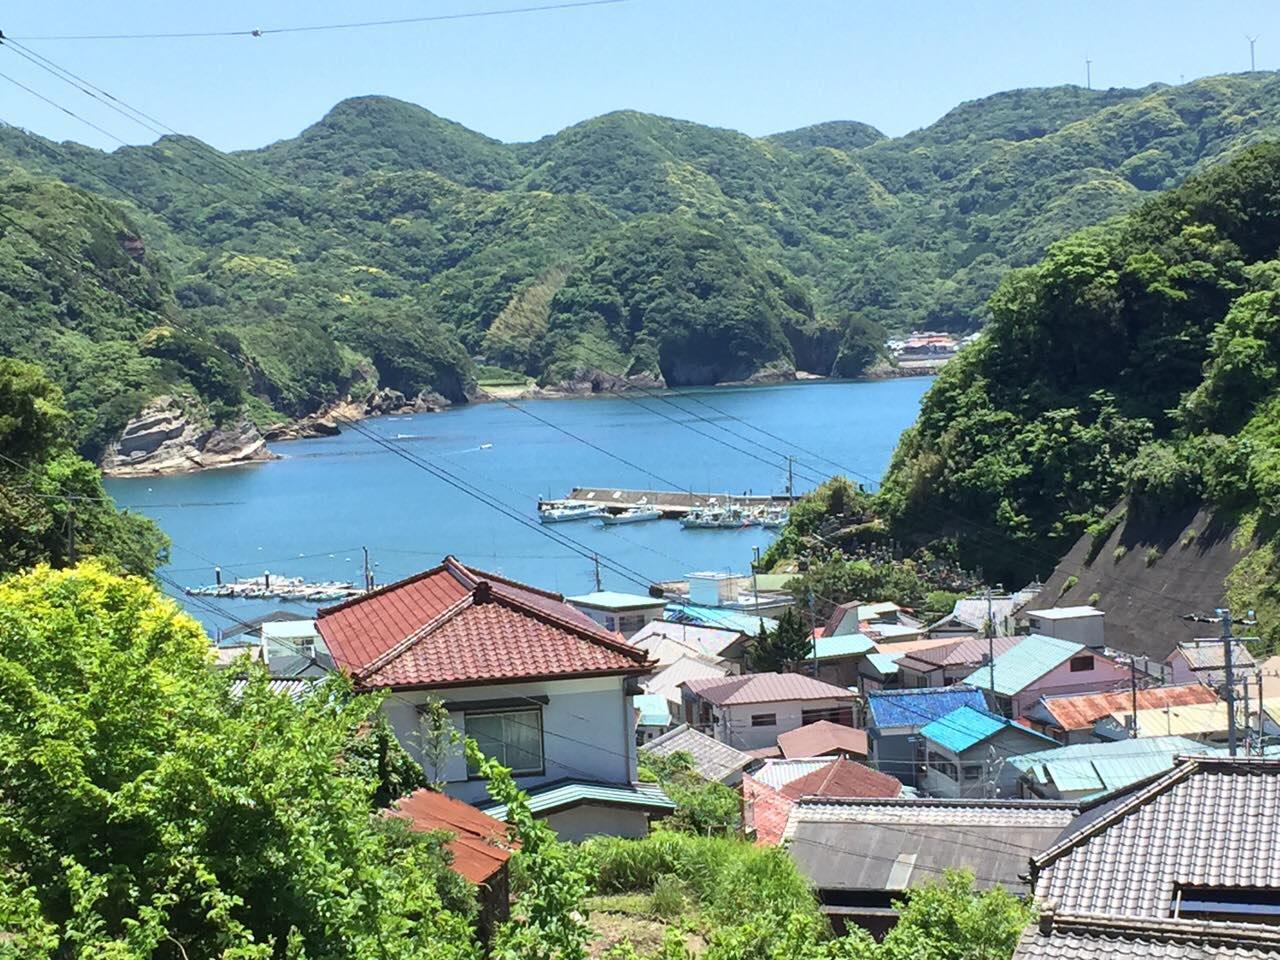 海鮮眺望の宿 さかくら荘 関連画像 3枚目 楽天トラベル提供